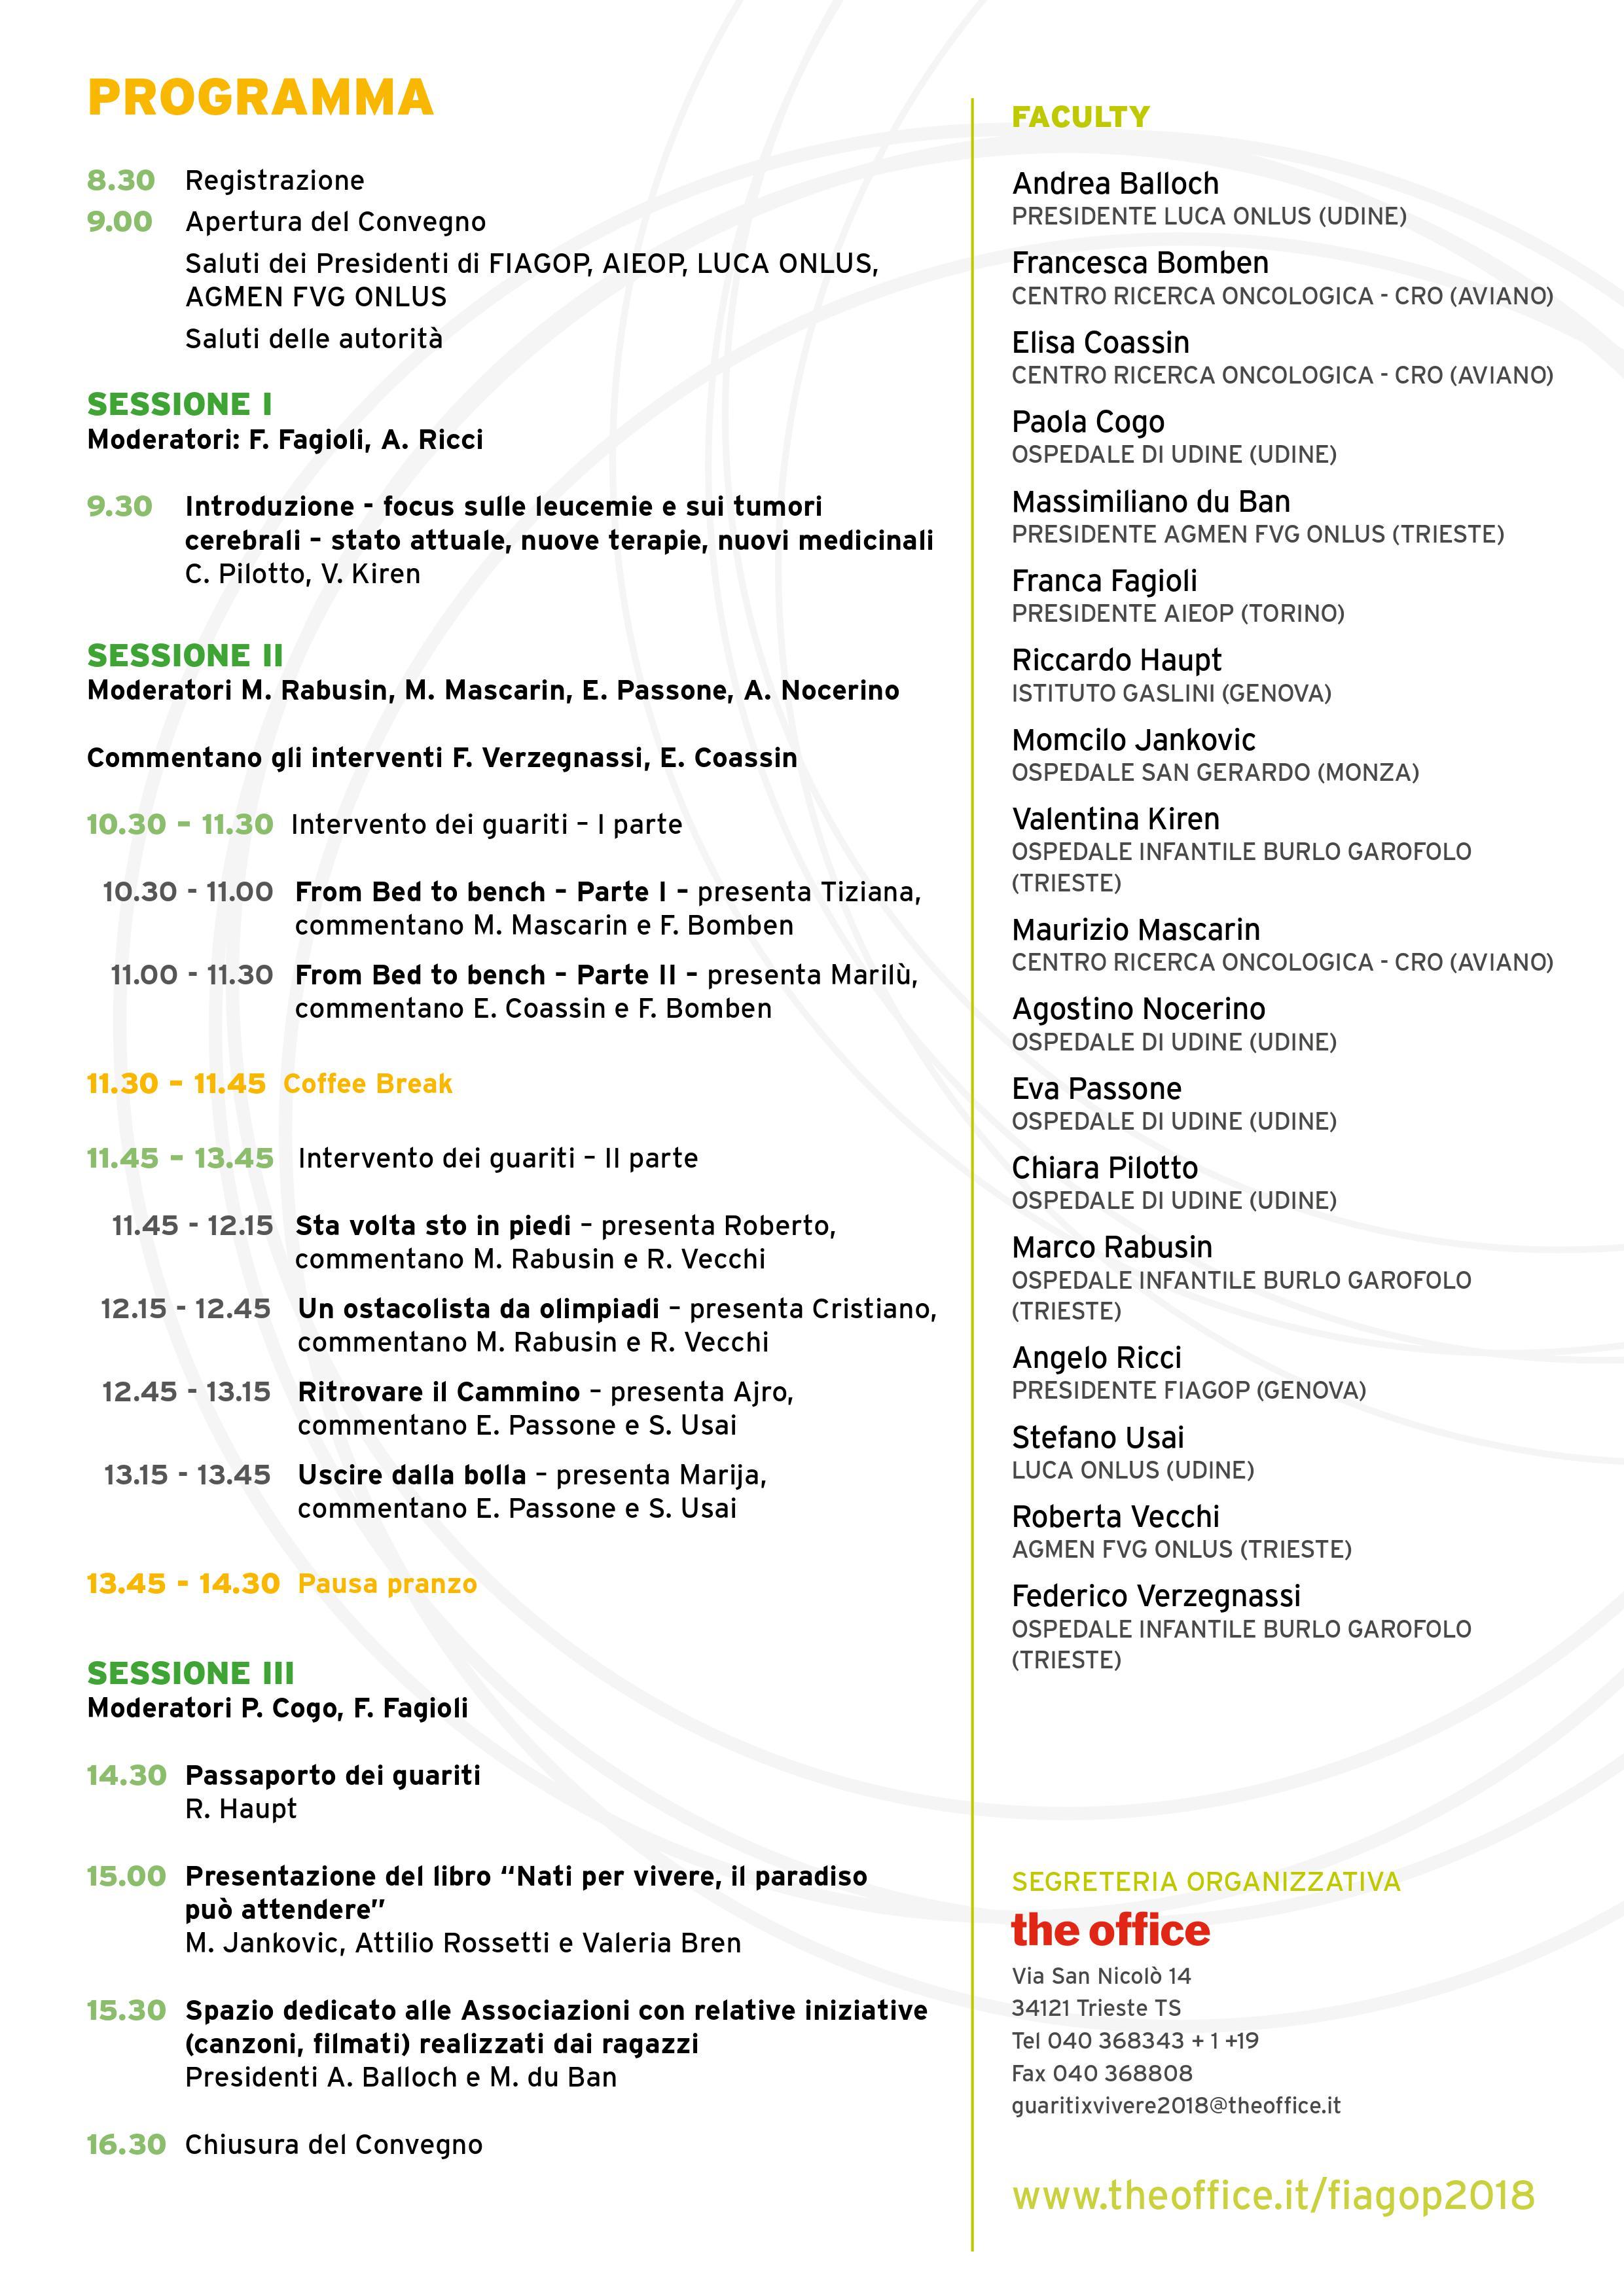 Programma Convegno 2018